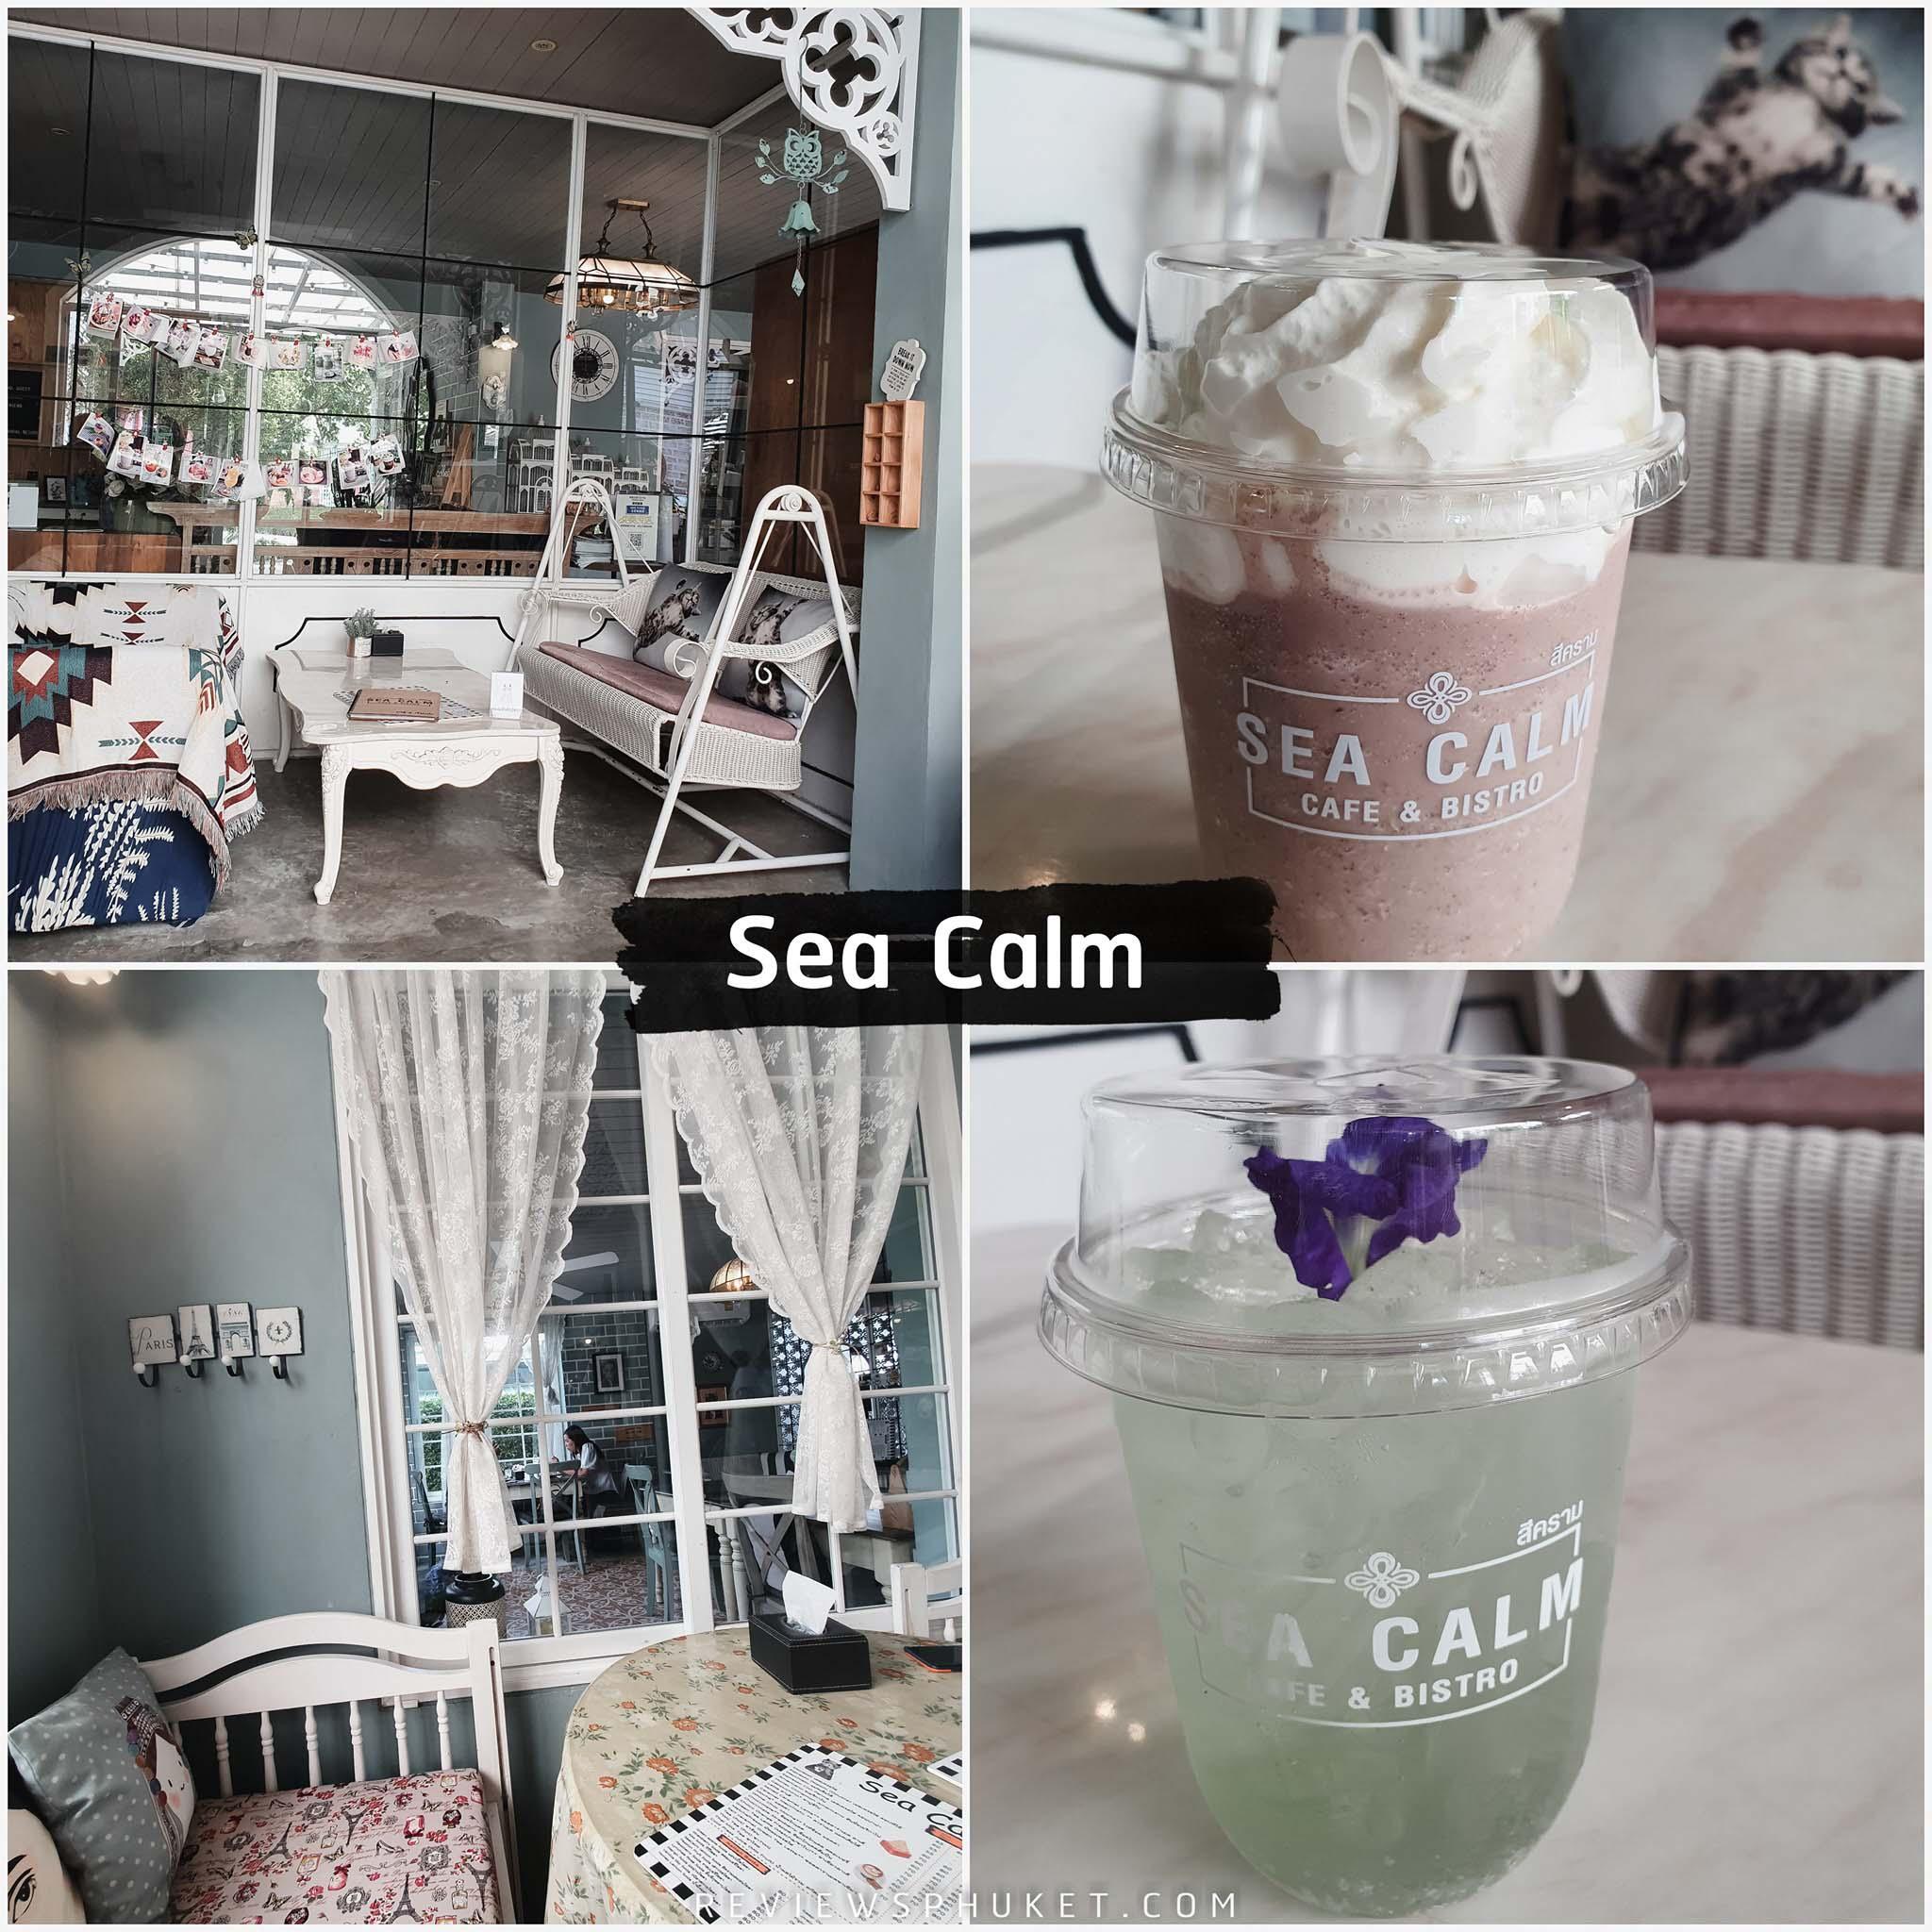 Sea-Calm-cafe-bistro-สายคาเฟ่ห้ามพลาด-อาหารอร่อย-ร้านน่ารักๆตกแต่งสไตล์ฝรั่งเศสถ่ายรูปกันเพลินเลยย คลิกที่นี่ ภูเก็ต,คาเฟ่,ที่เที่ยว,ร้านกาแฟ,เด็ด,อร่อย,ต้องลอง